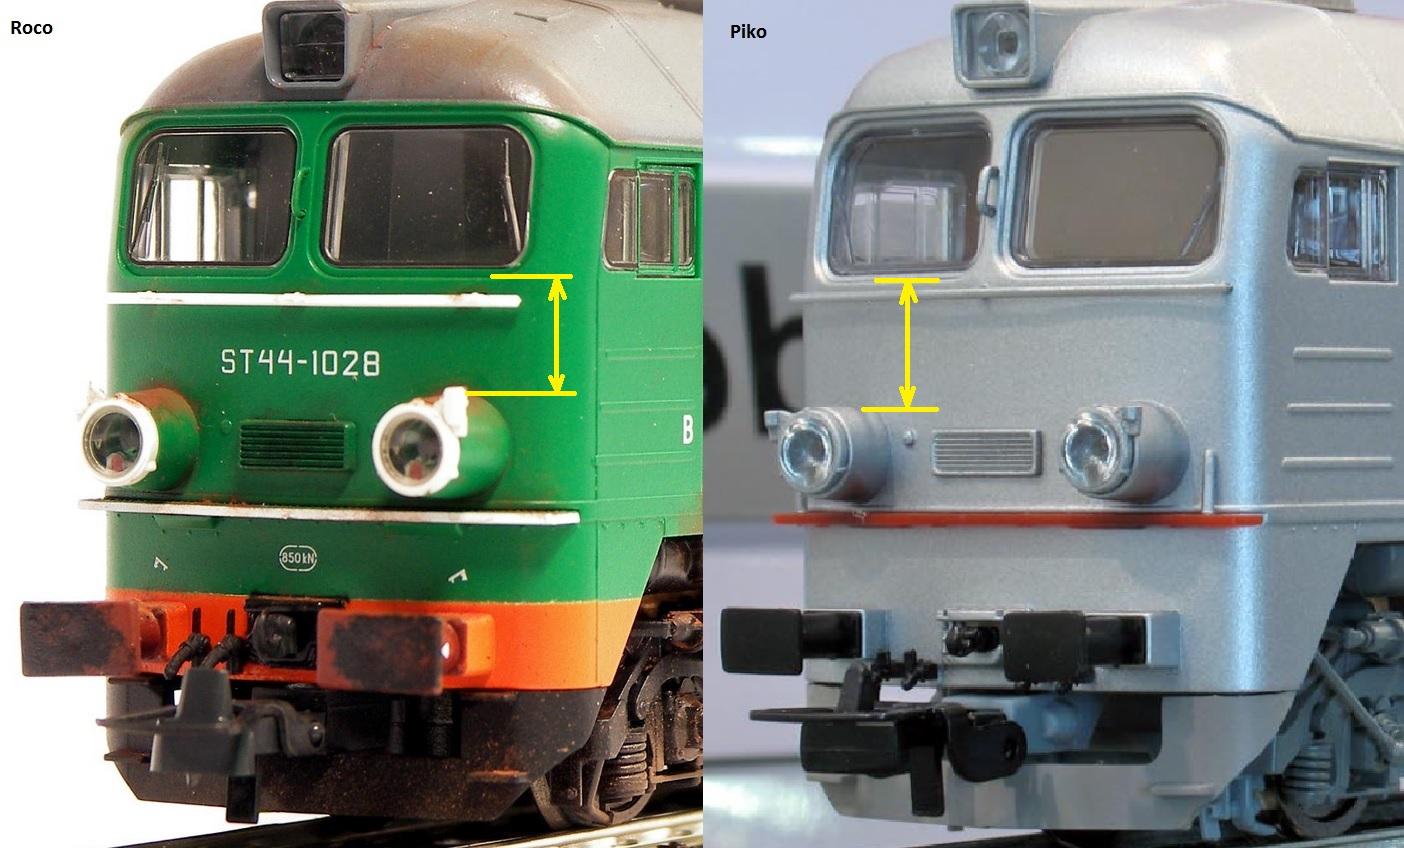 compare_ST44_Roco_Piko.jpg